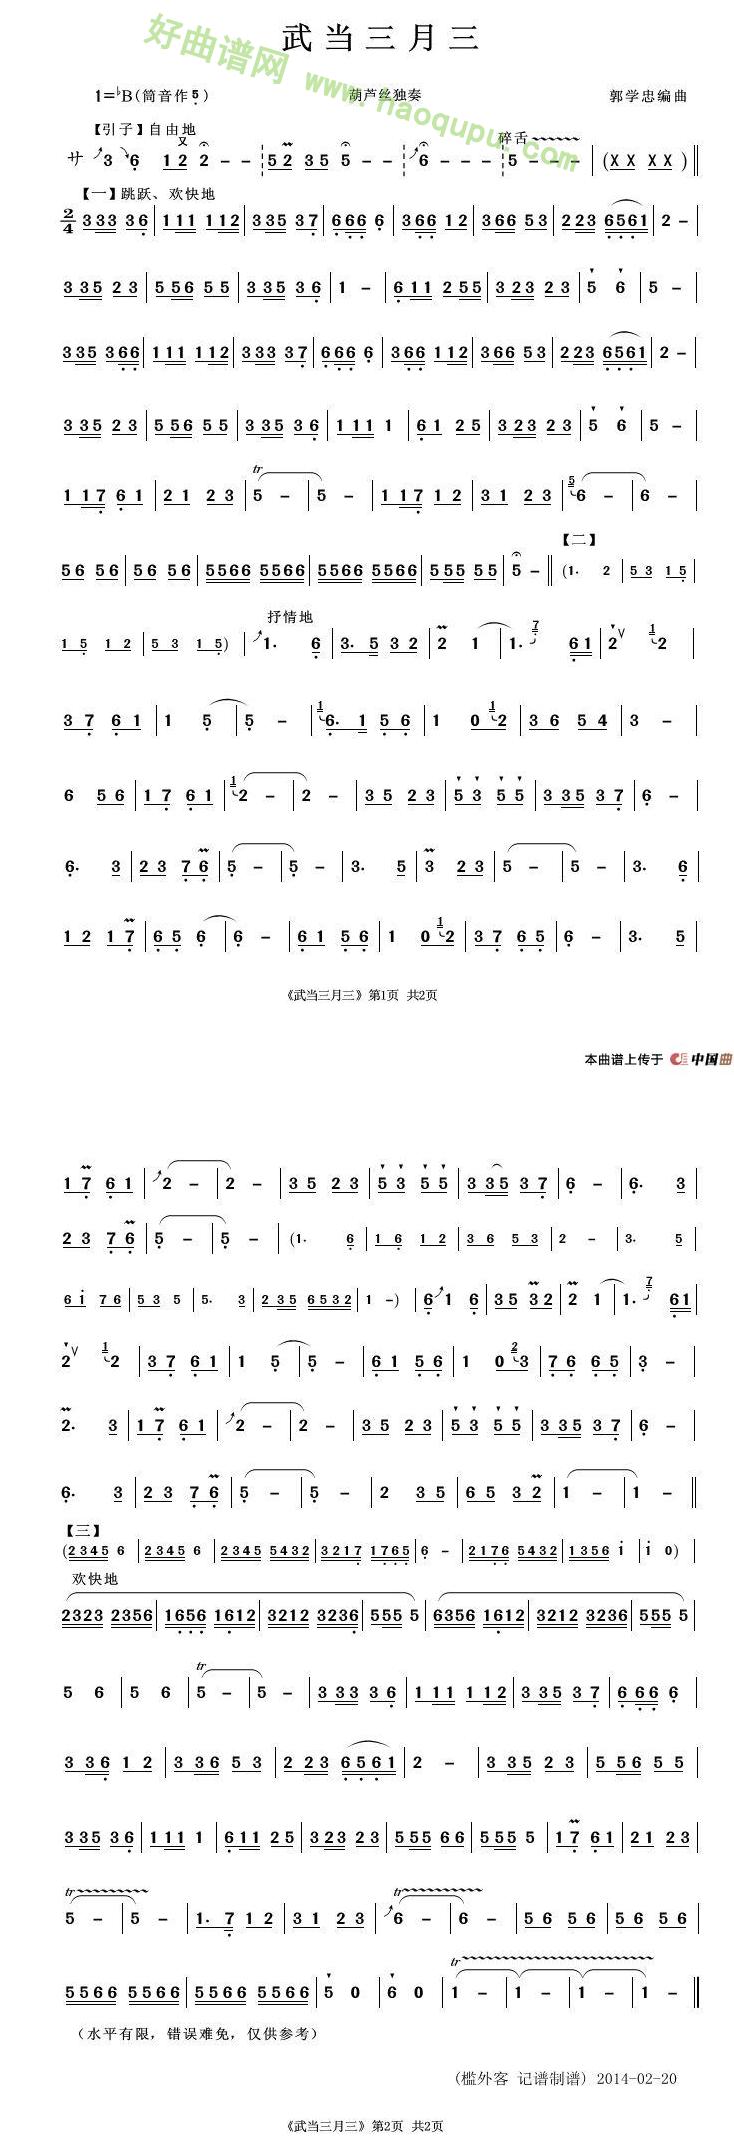 《武当三月三》 - 葫芦丝曲谱